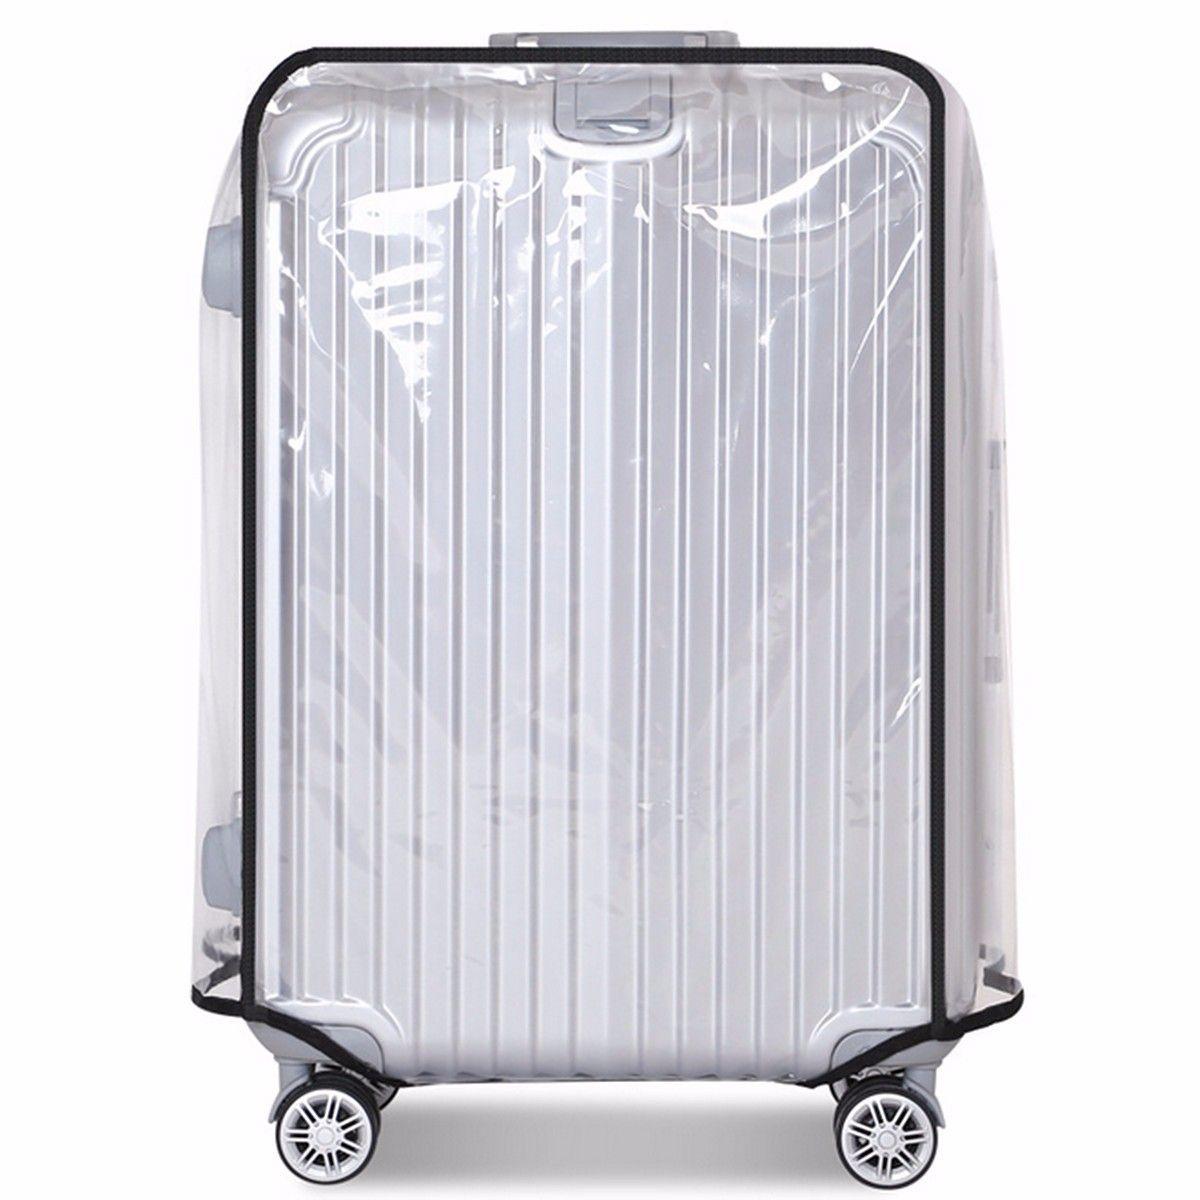 Osmond Transparent PVC étanche housse de bagage Trolley valise poussière bagage housse de protection voyage etui accessoires 20